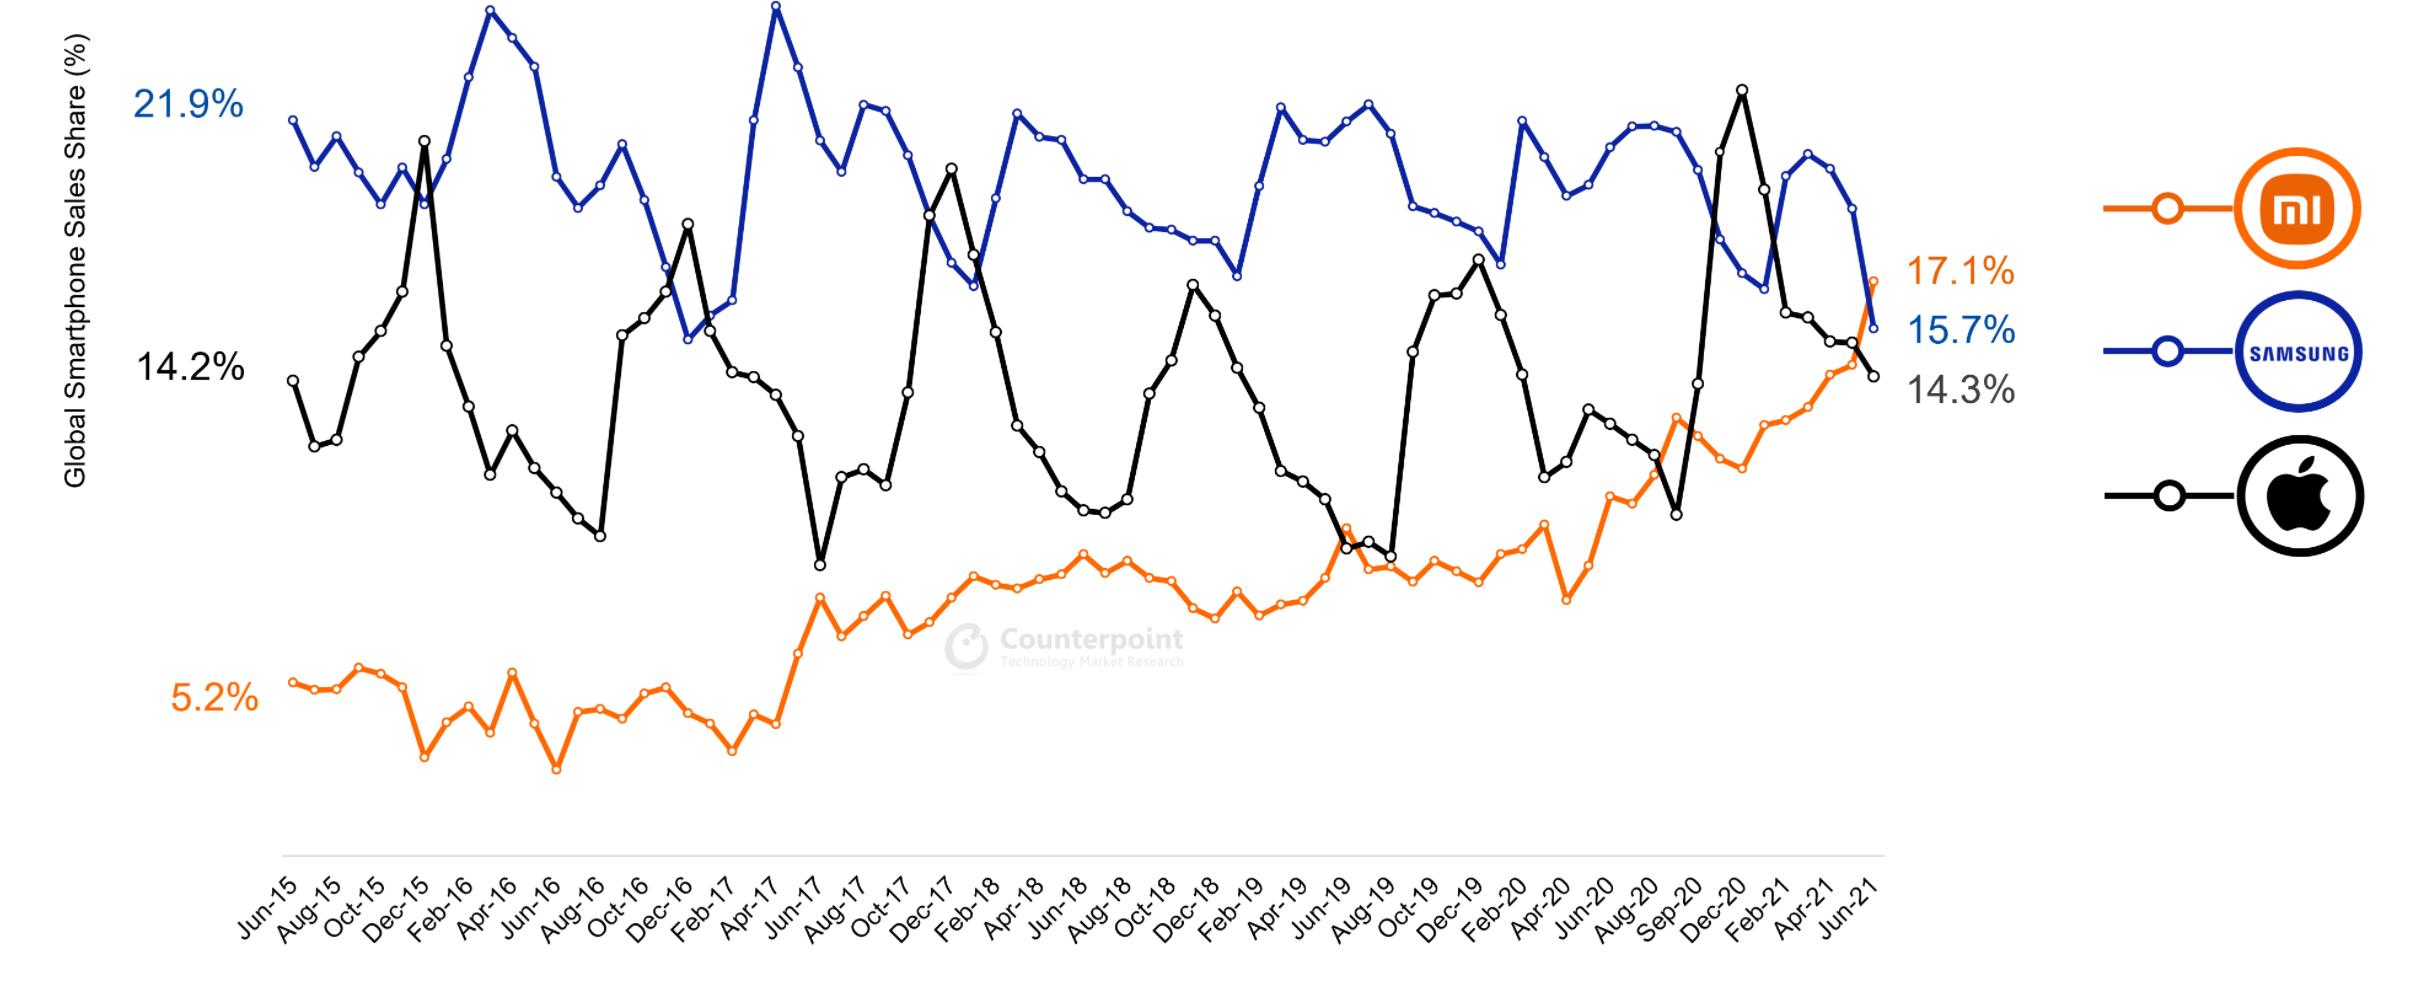 Xiaomi est desormais le plus grand fournisseur de smartphones au